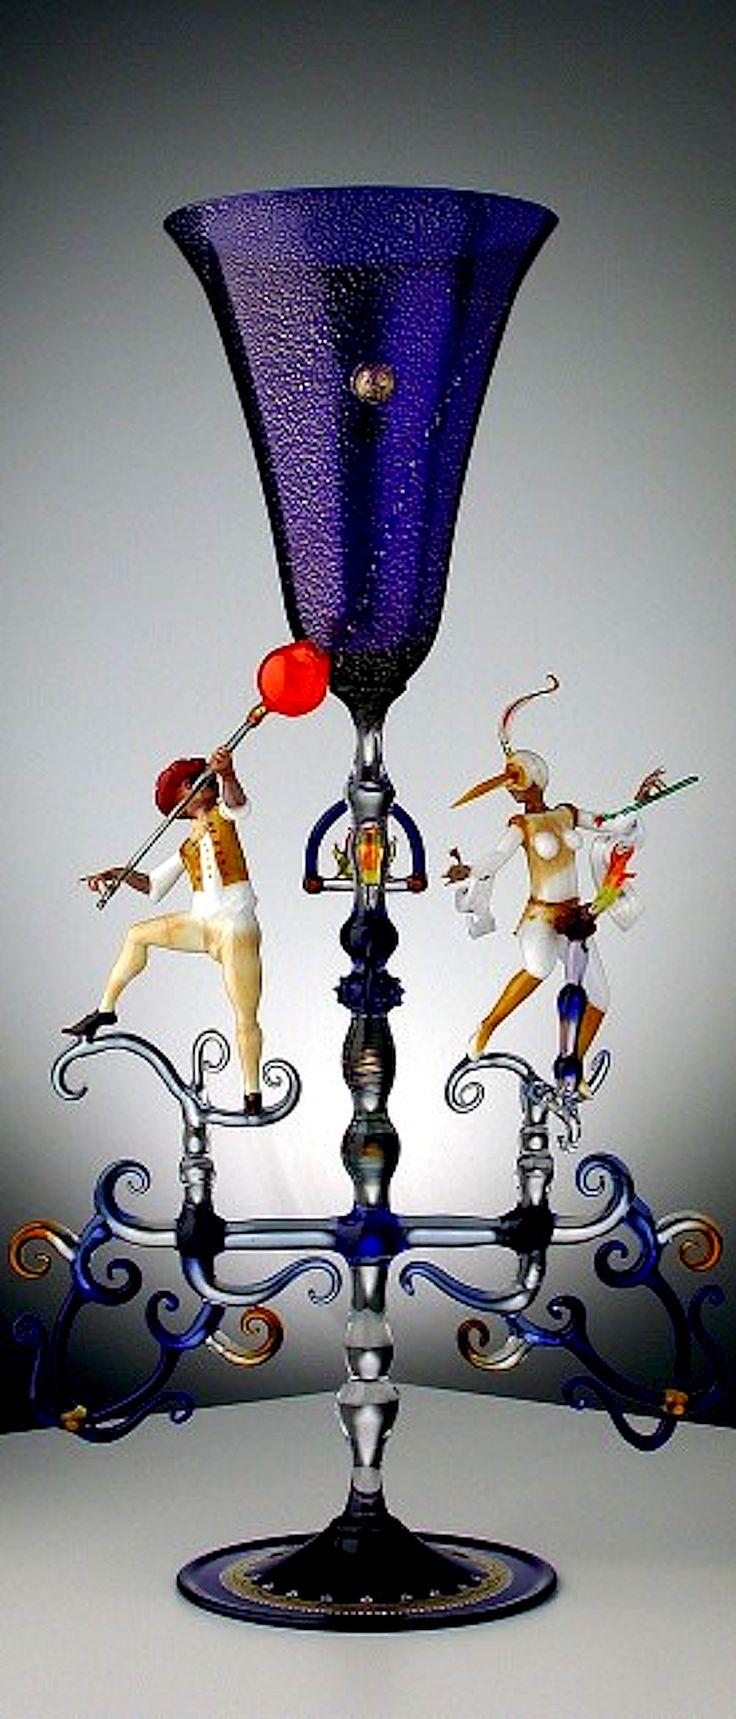 Fantastic Murano glass sculpture/vase by Lucio Bubacco, Venice, Italy